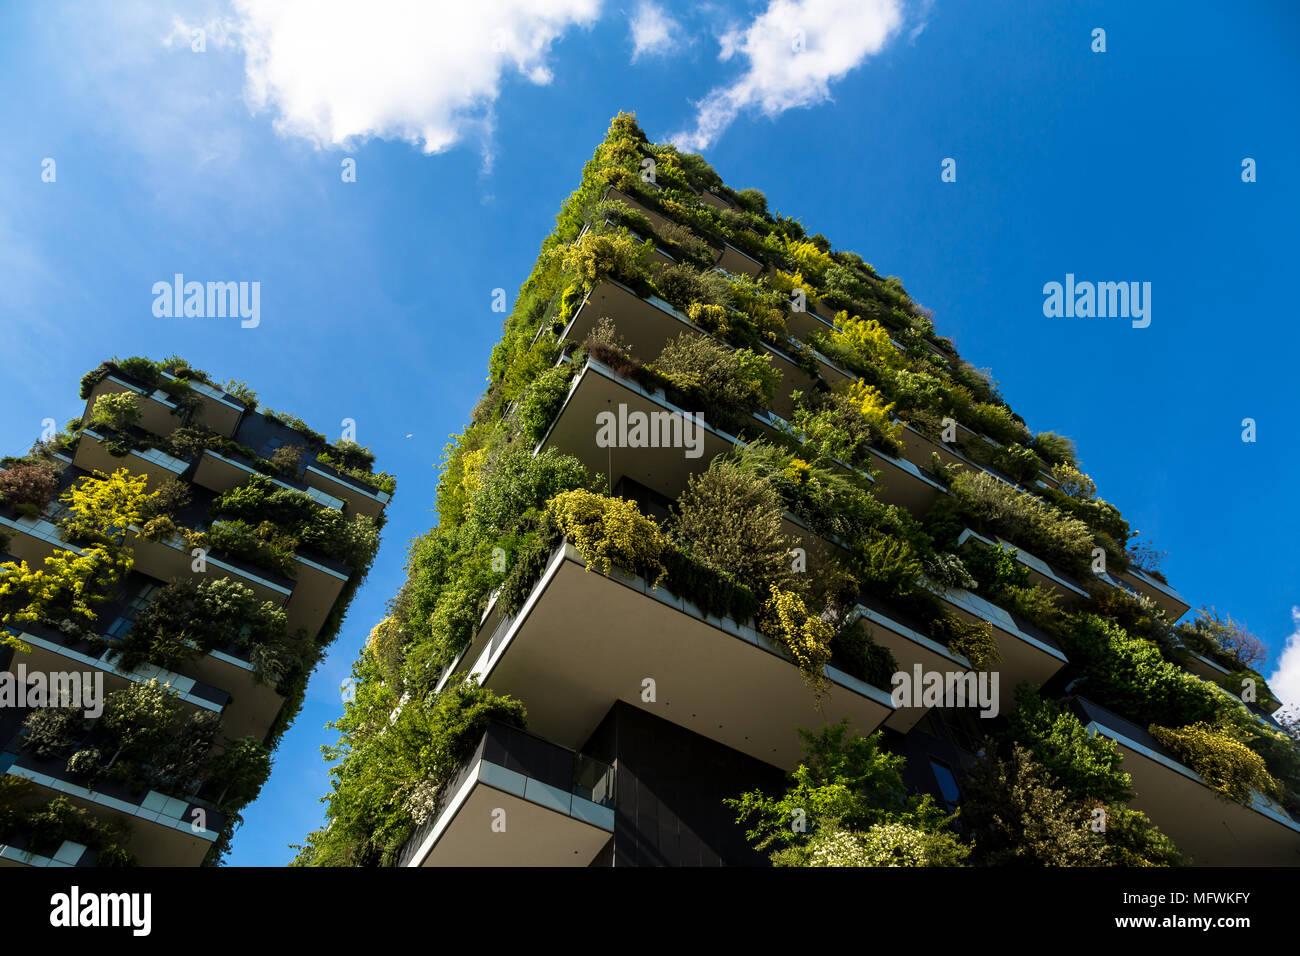 Bosco Verticale Residential Buildings Milan Italy